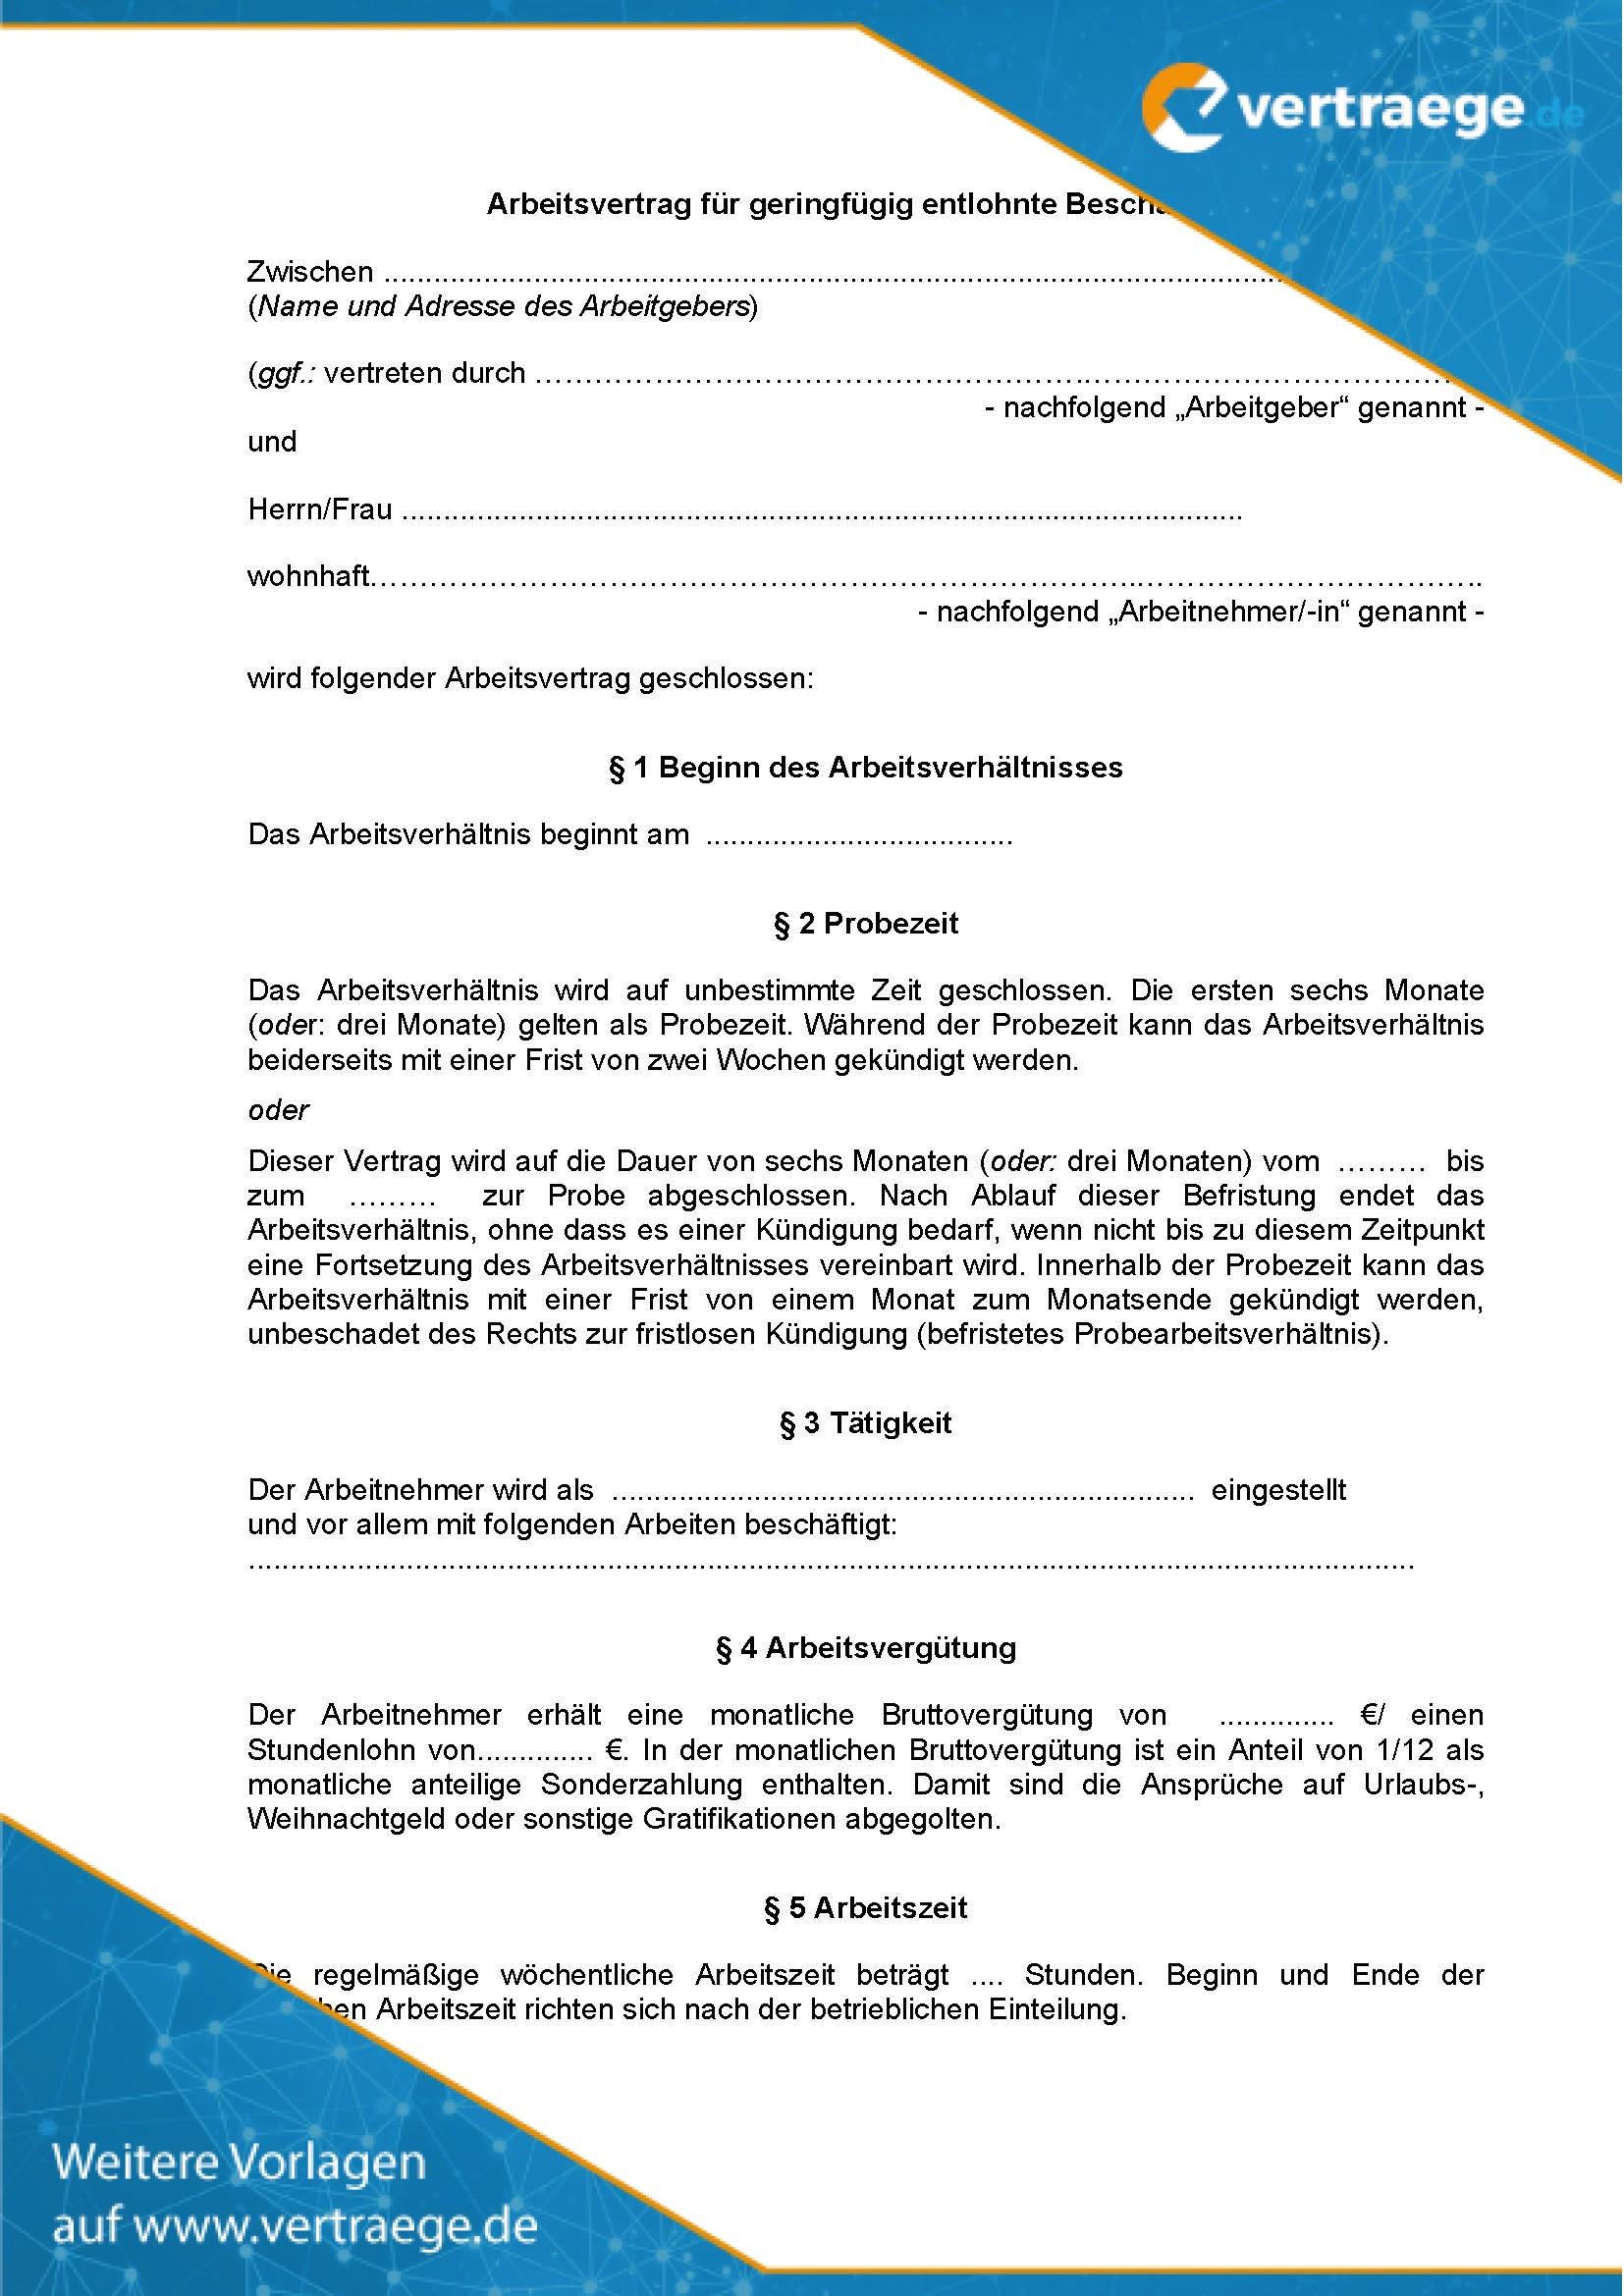 Muster-Arbeitsvertrag für geringfügige Beschäftigungen